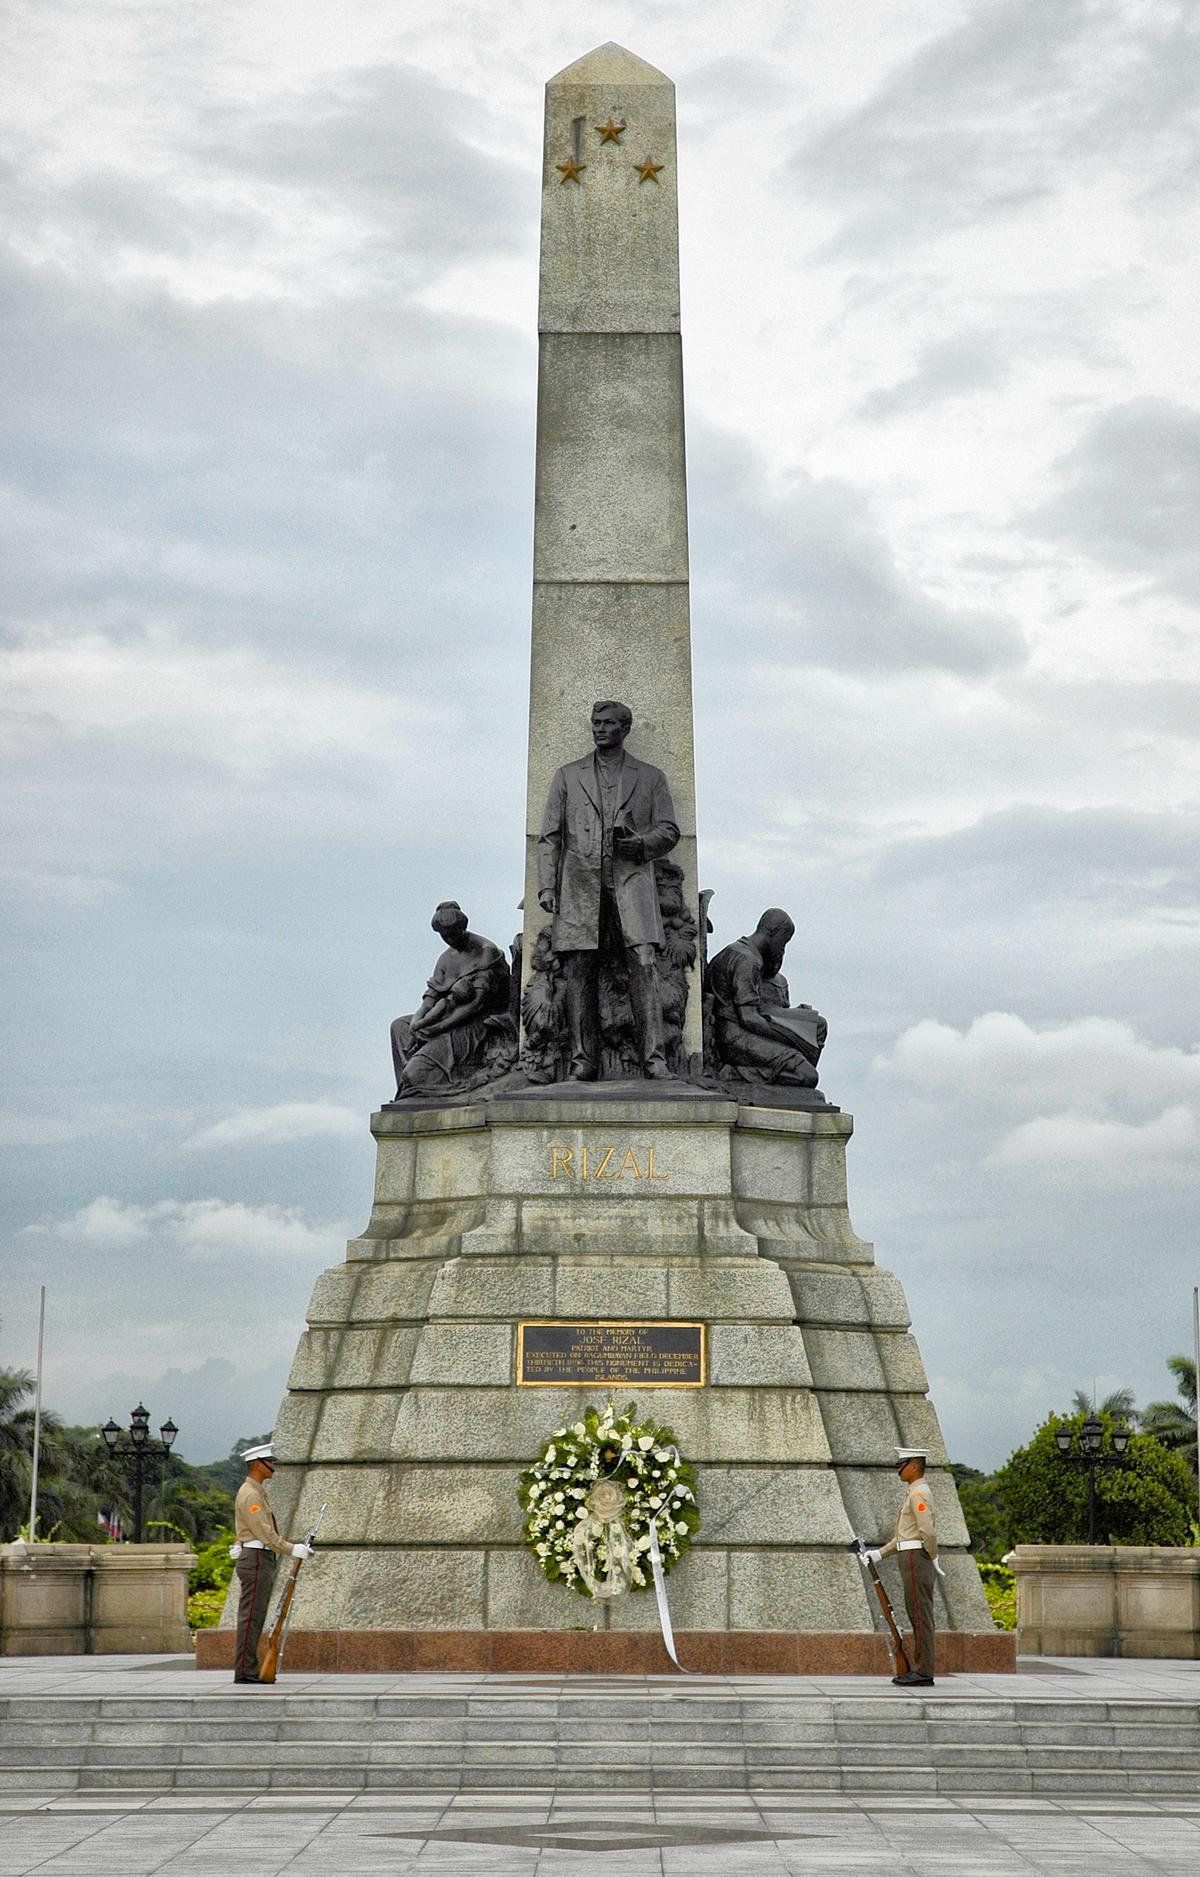 Park Statue Clipart.